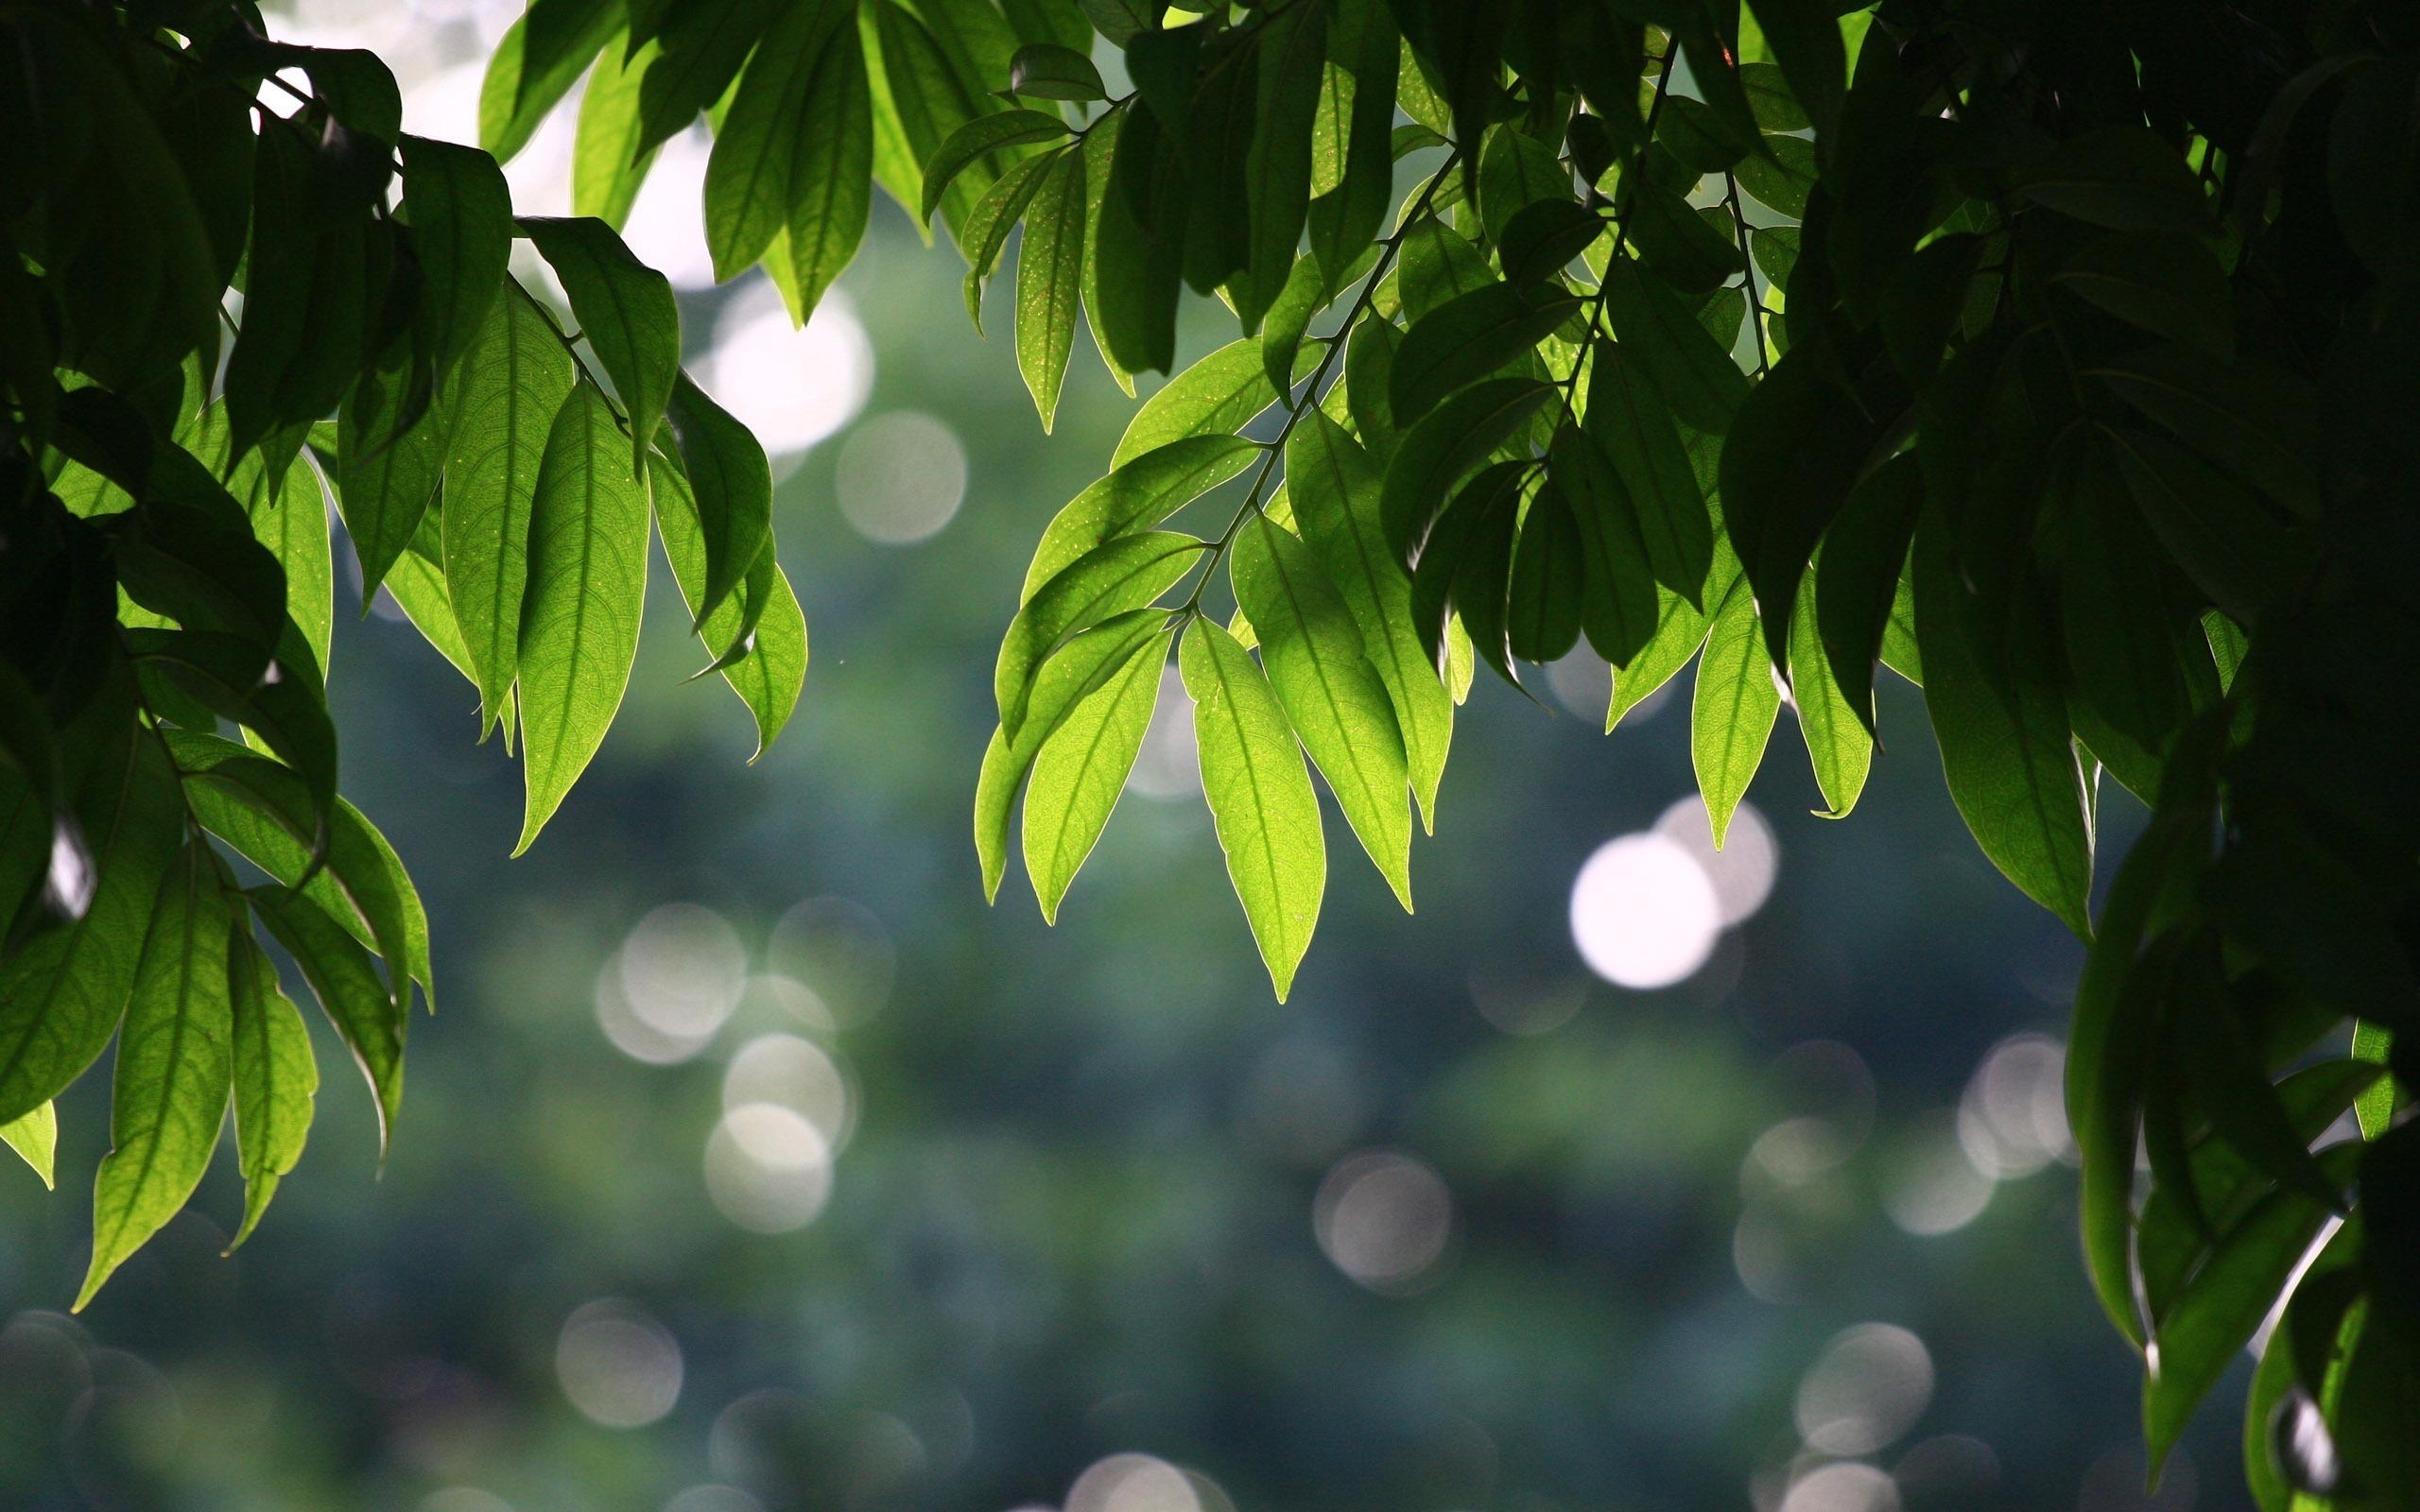 23429 скачать обои Растения, Пейзаж, Деревья, Листья - заставки и картинки бесплатно